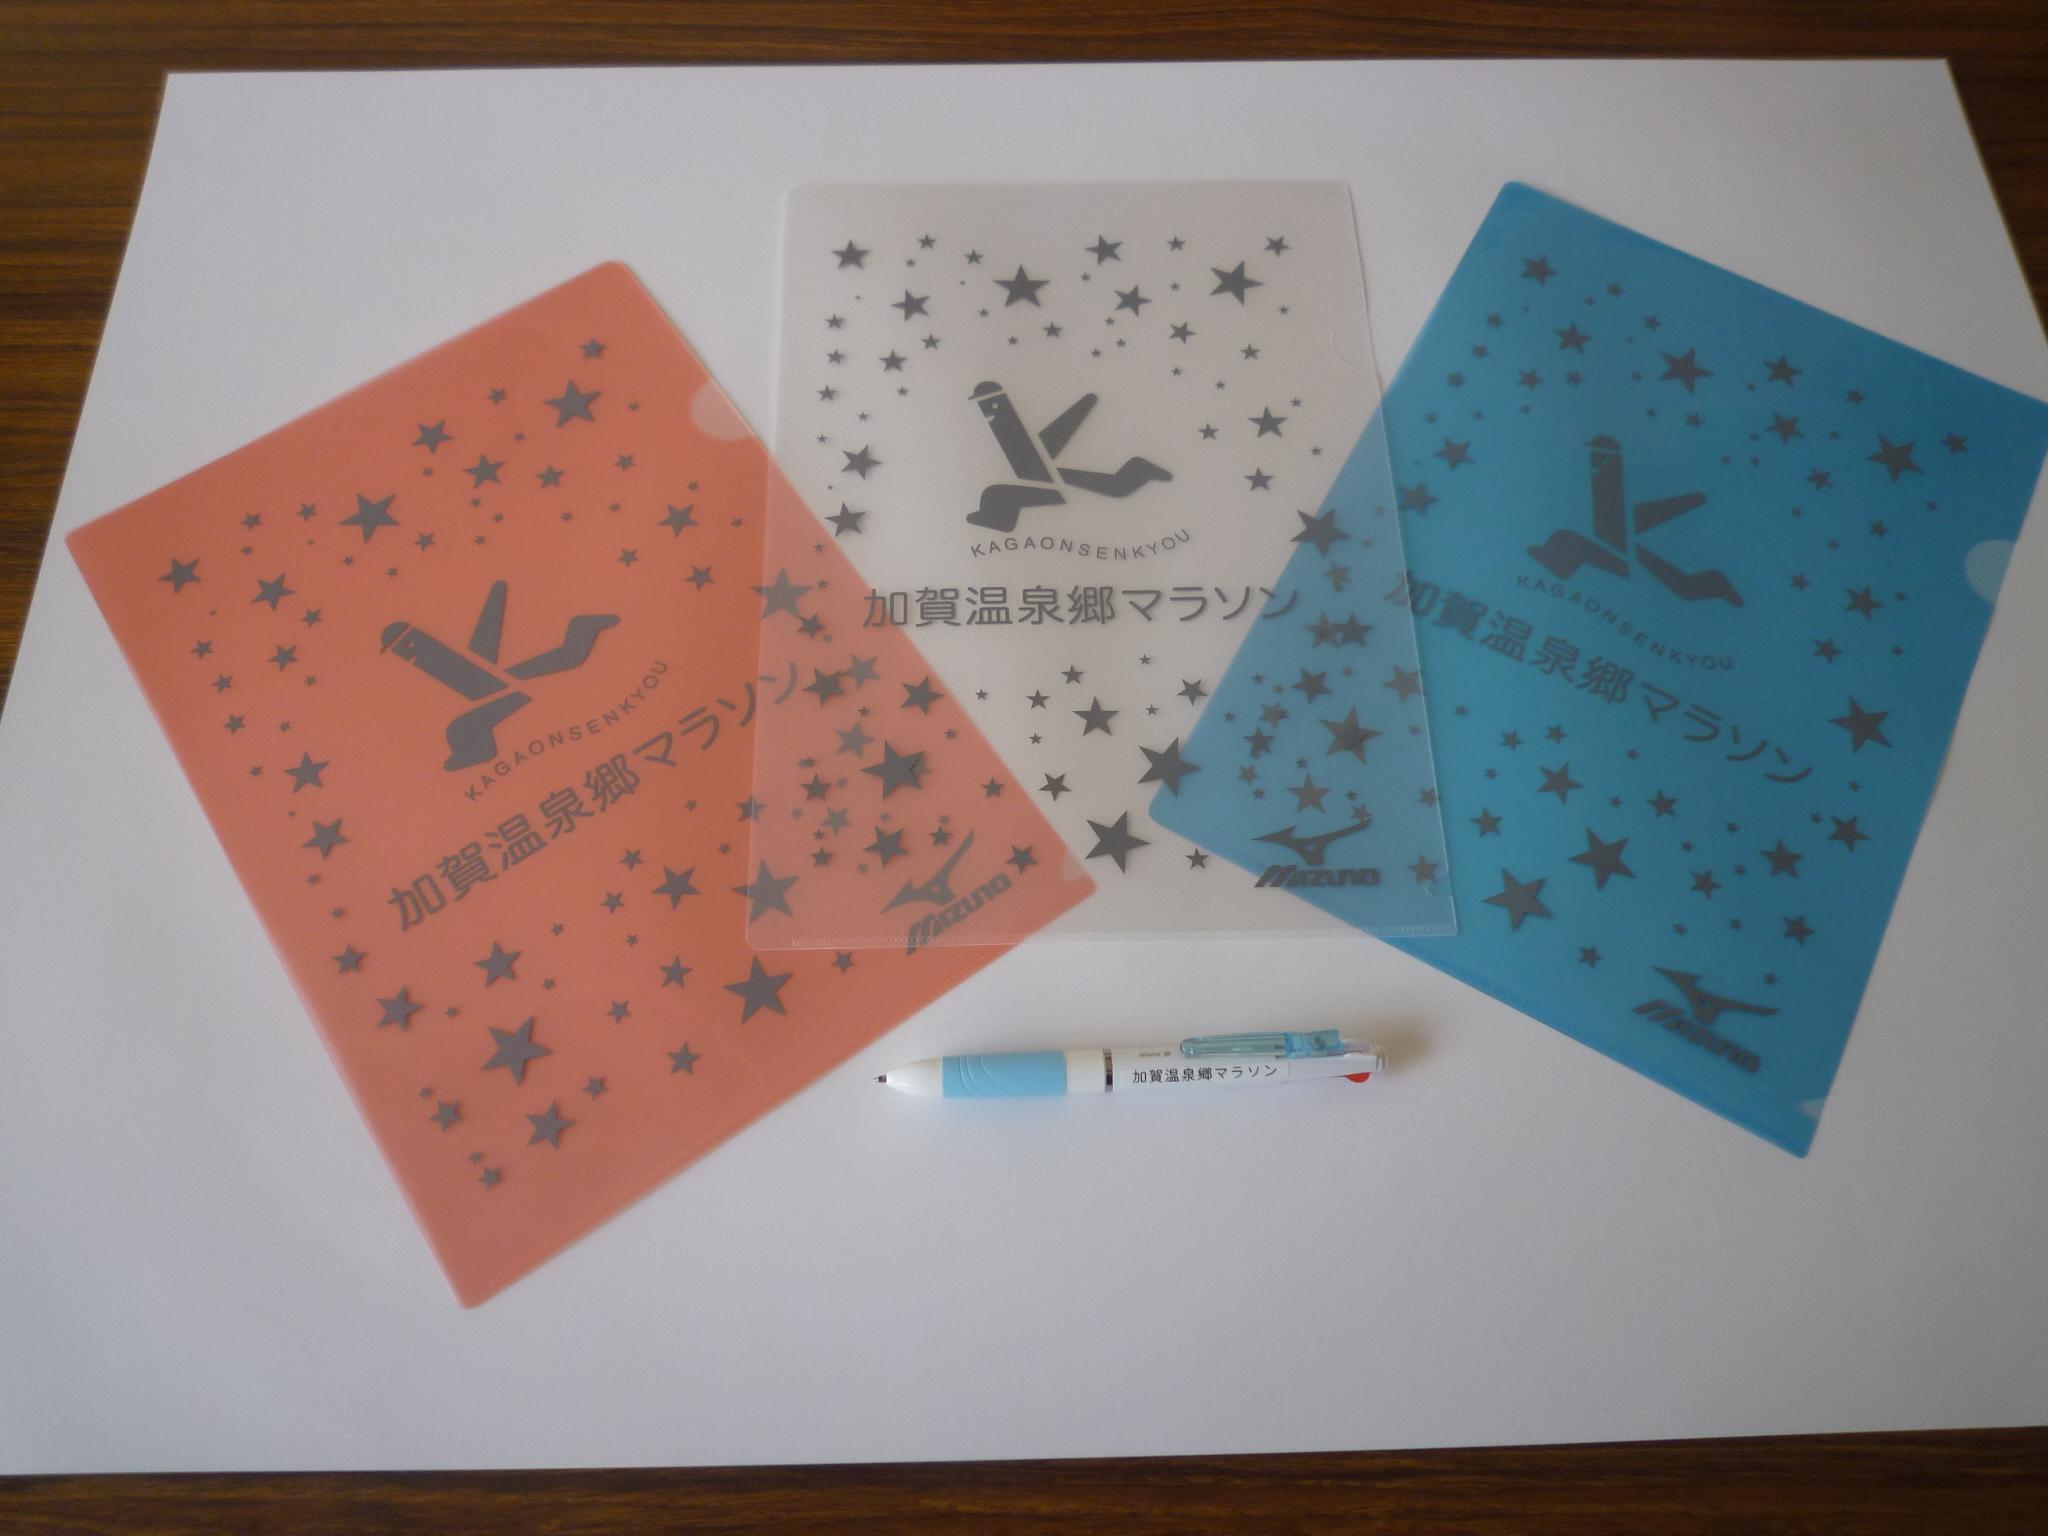 加賀温泉郷マラソンファイルとボールペンセット